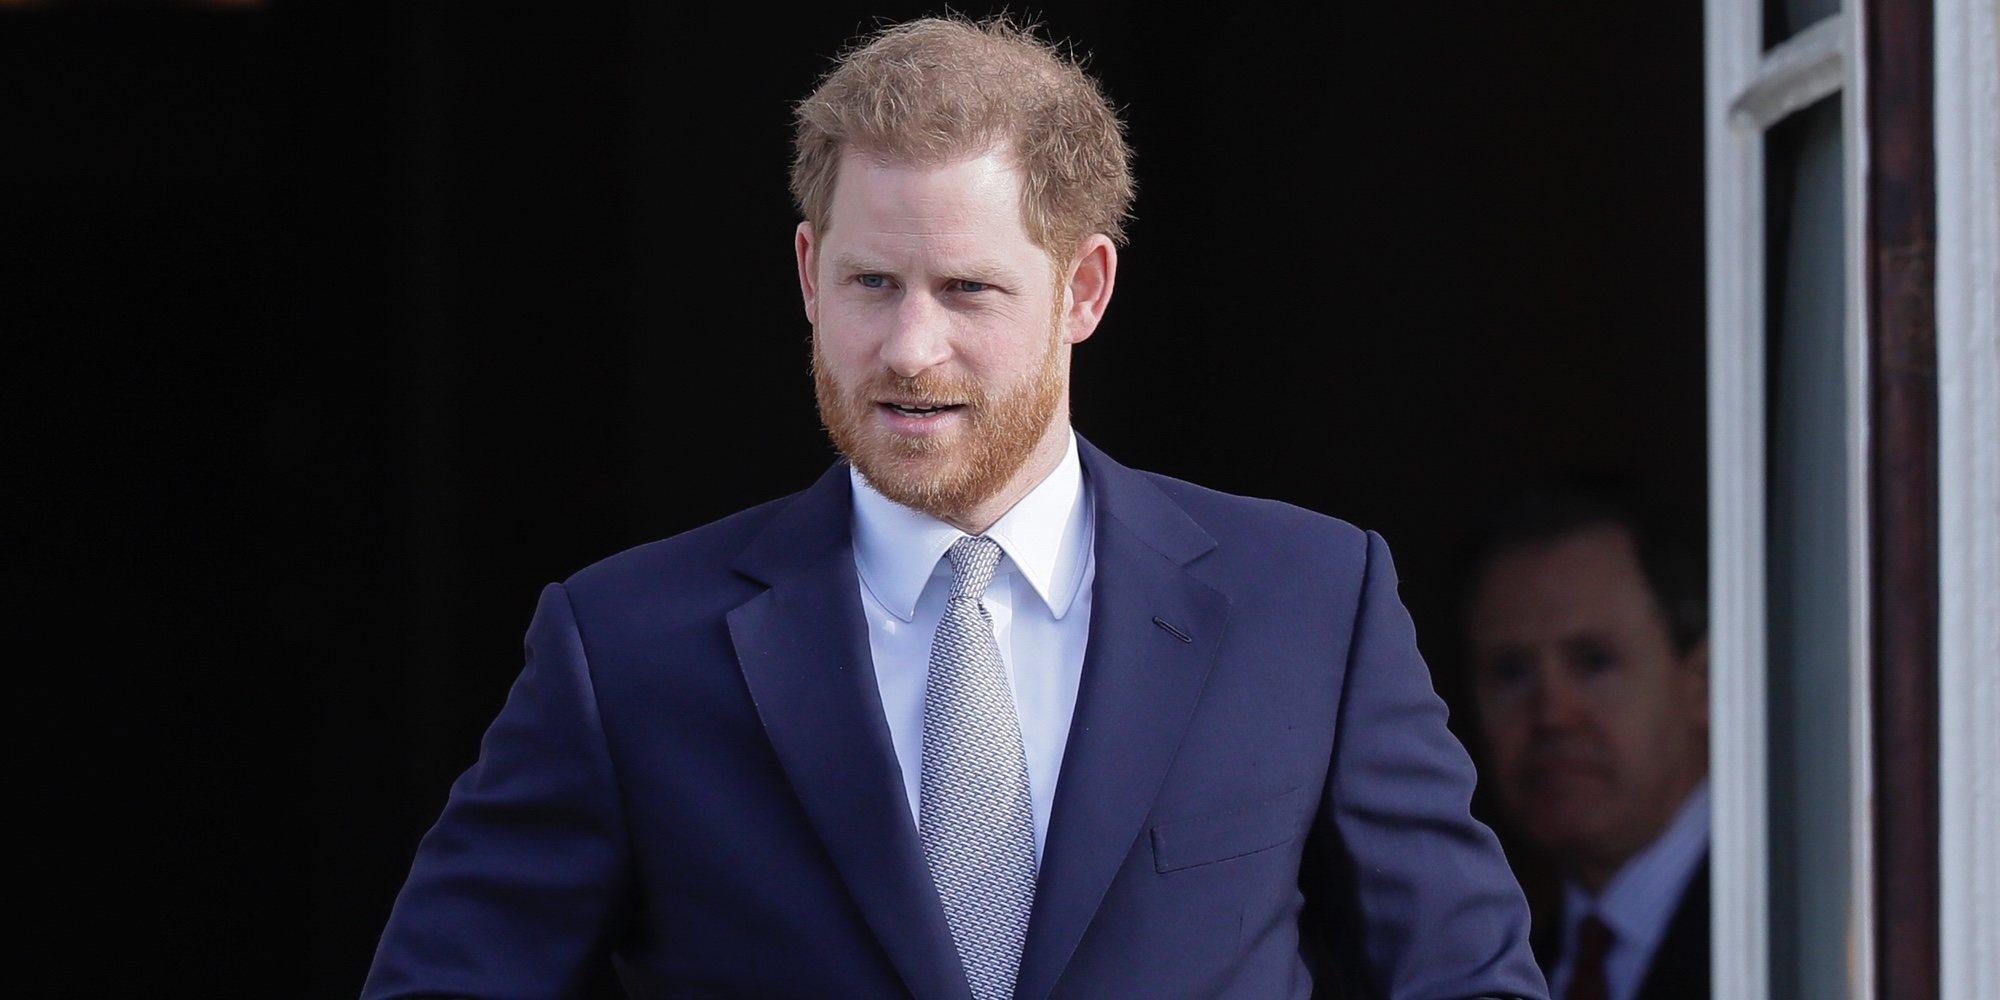 """El Príncipe Harry explica el Sussexit: """"No había otra opción. Queríamos seguir sirviendo a la Reina, pero no ha sido posible"""""""